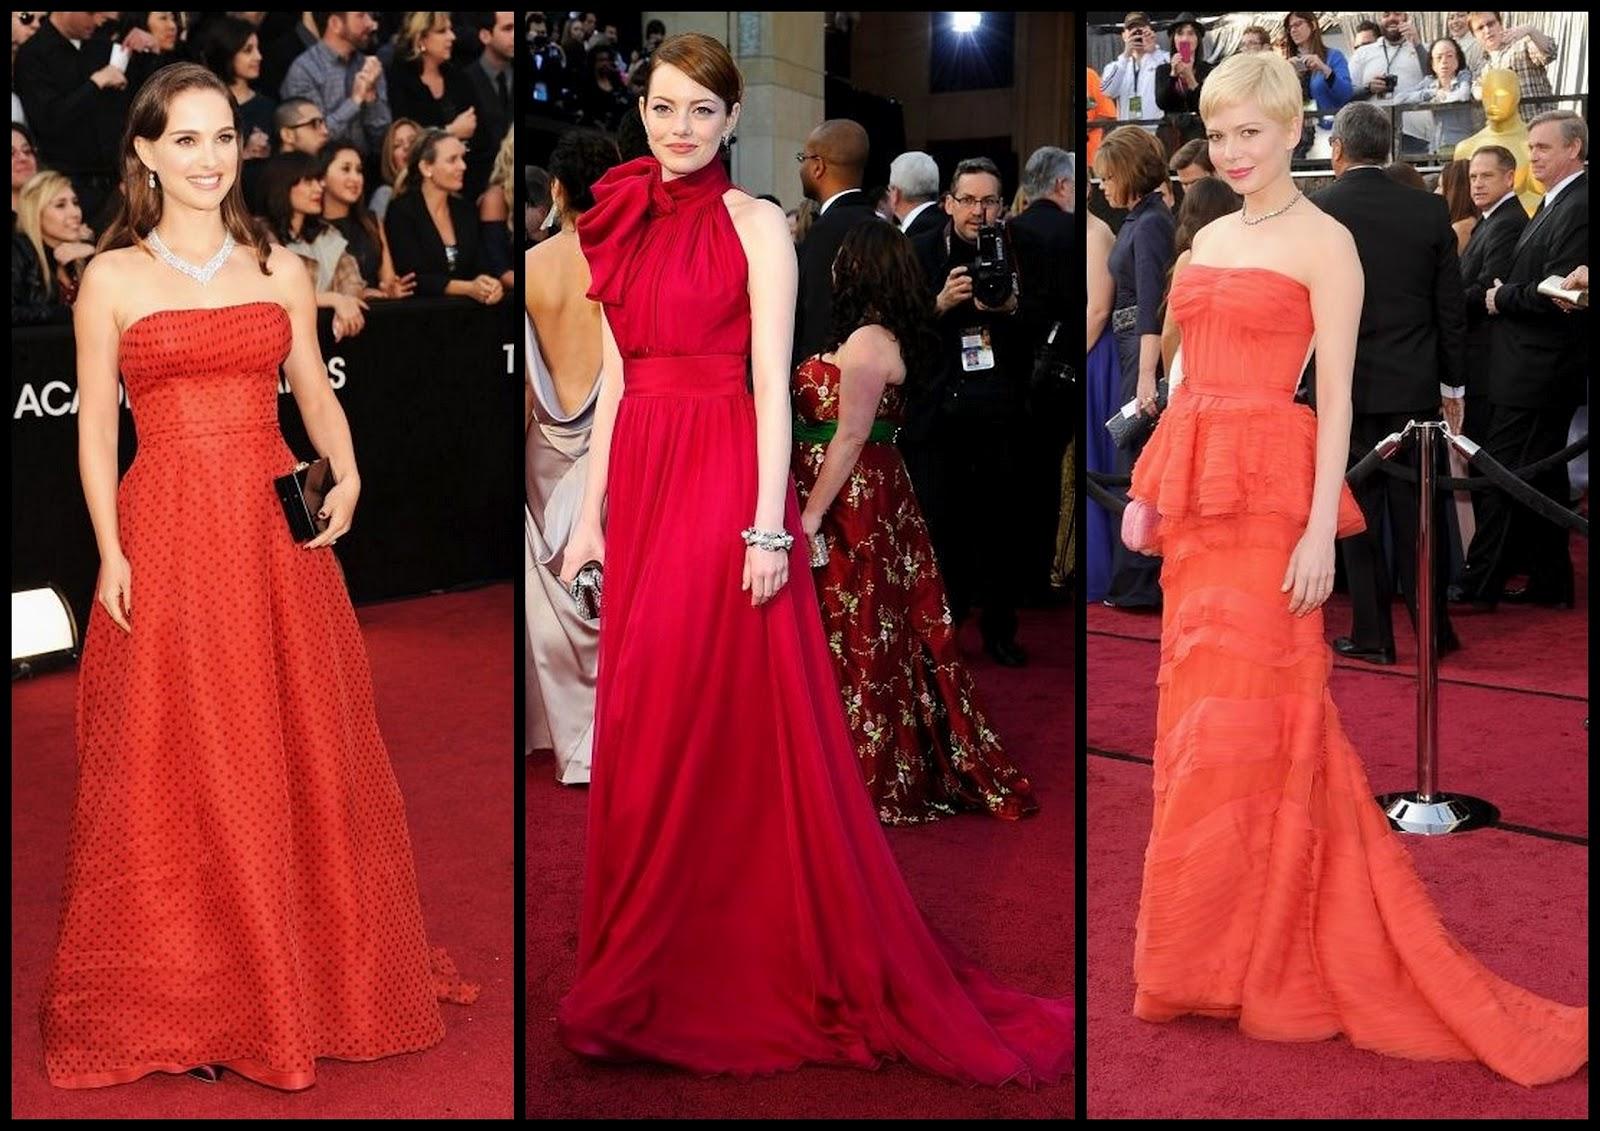 http://3.bp.blogspot.com/-yi1J_Bse-Bw/T0tTywmk6zI/AAAAAAAACmg/RiabQuIQIS0/s1600/Oscar_2012_dresses.jpg